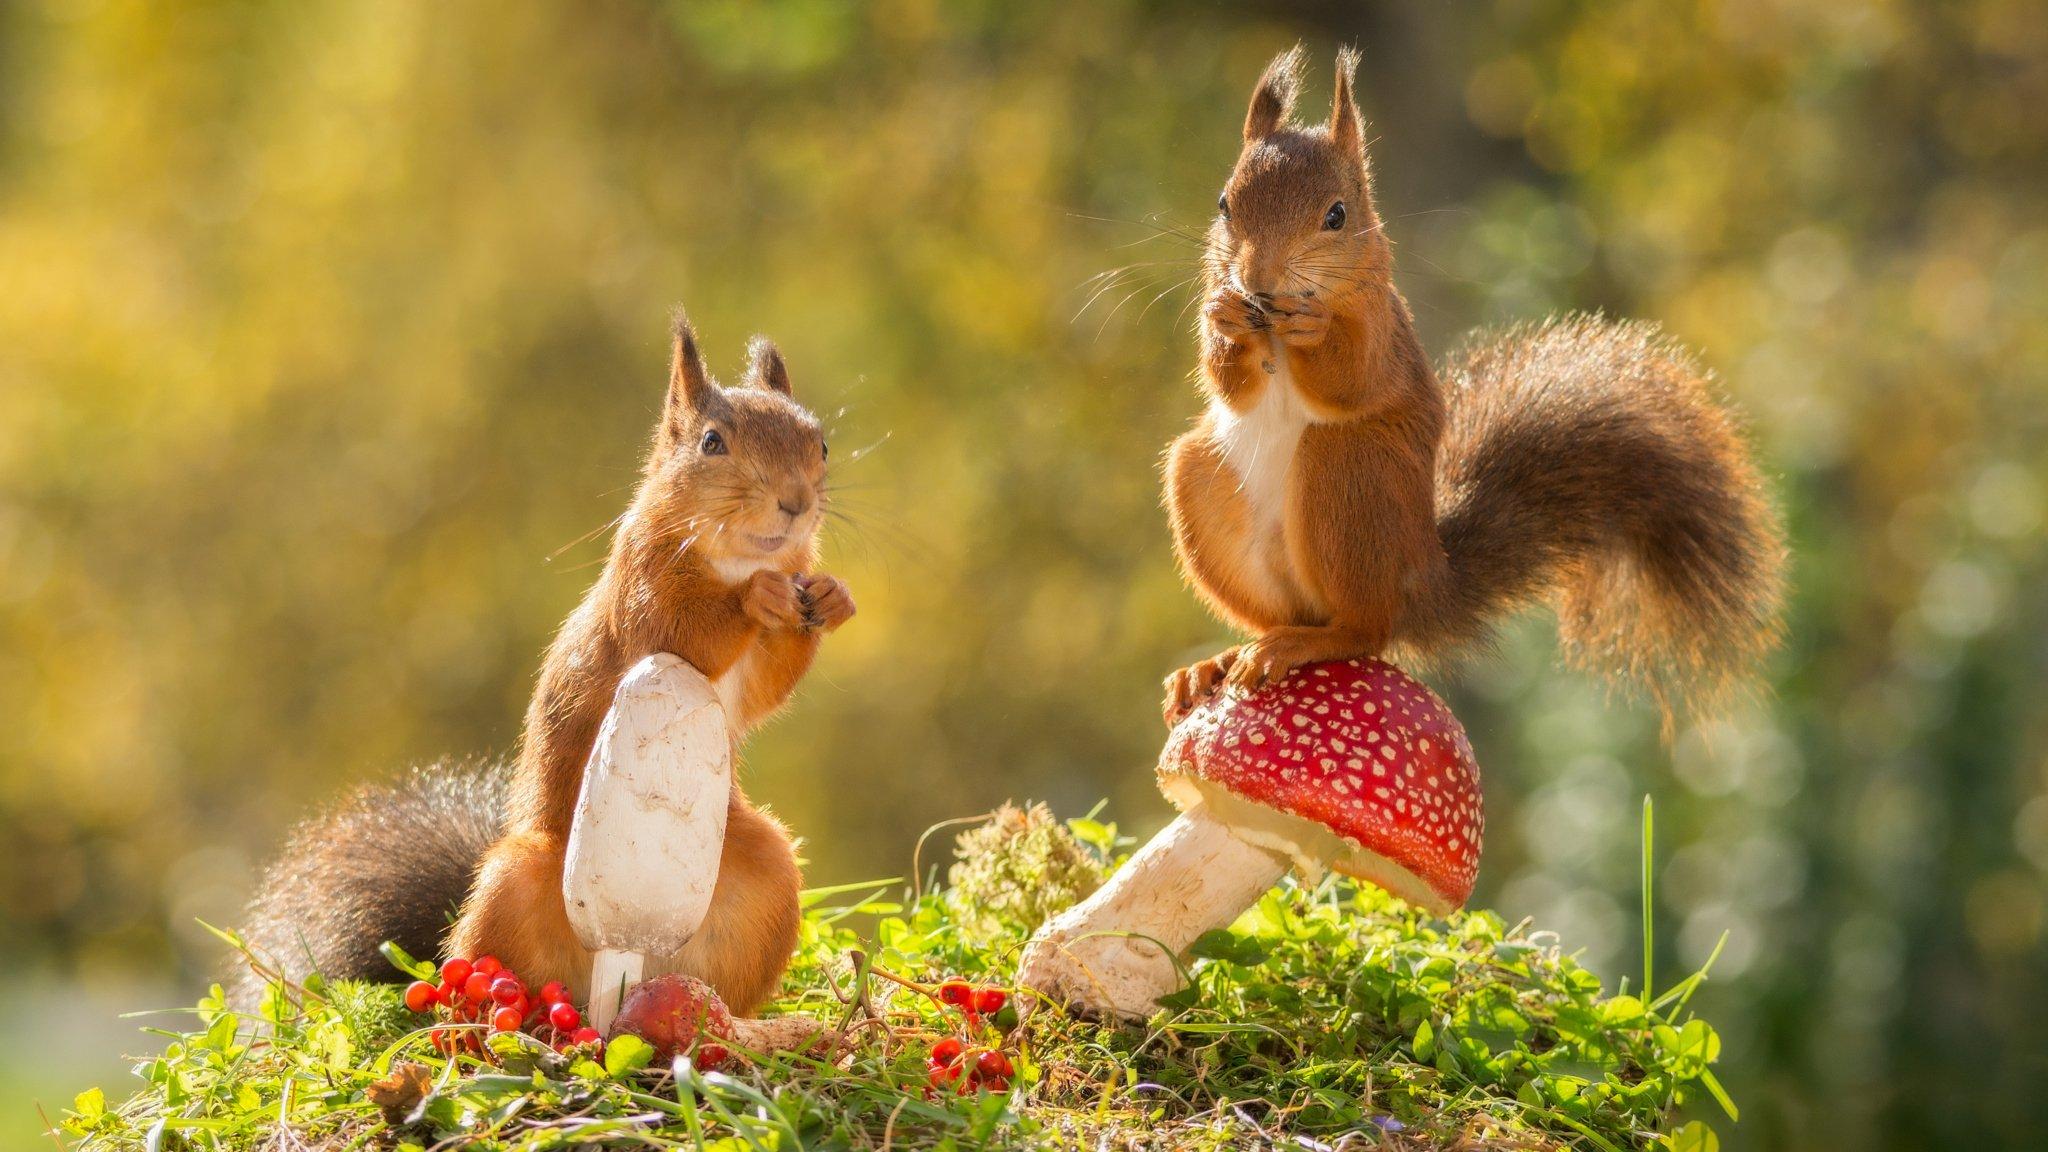 природа животные кролик листья осень деревья  № 2035276 бесплатно